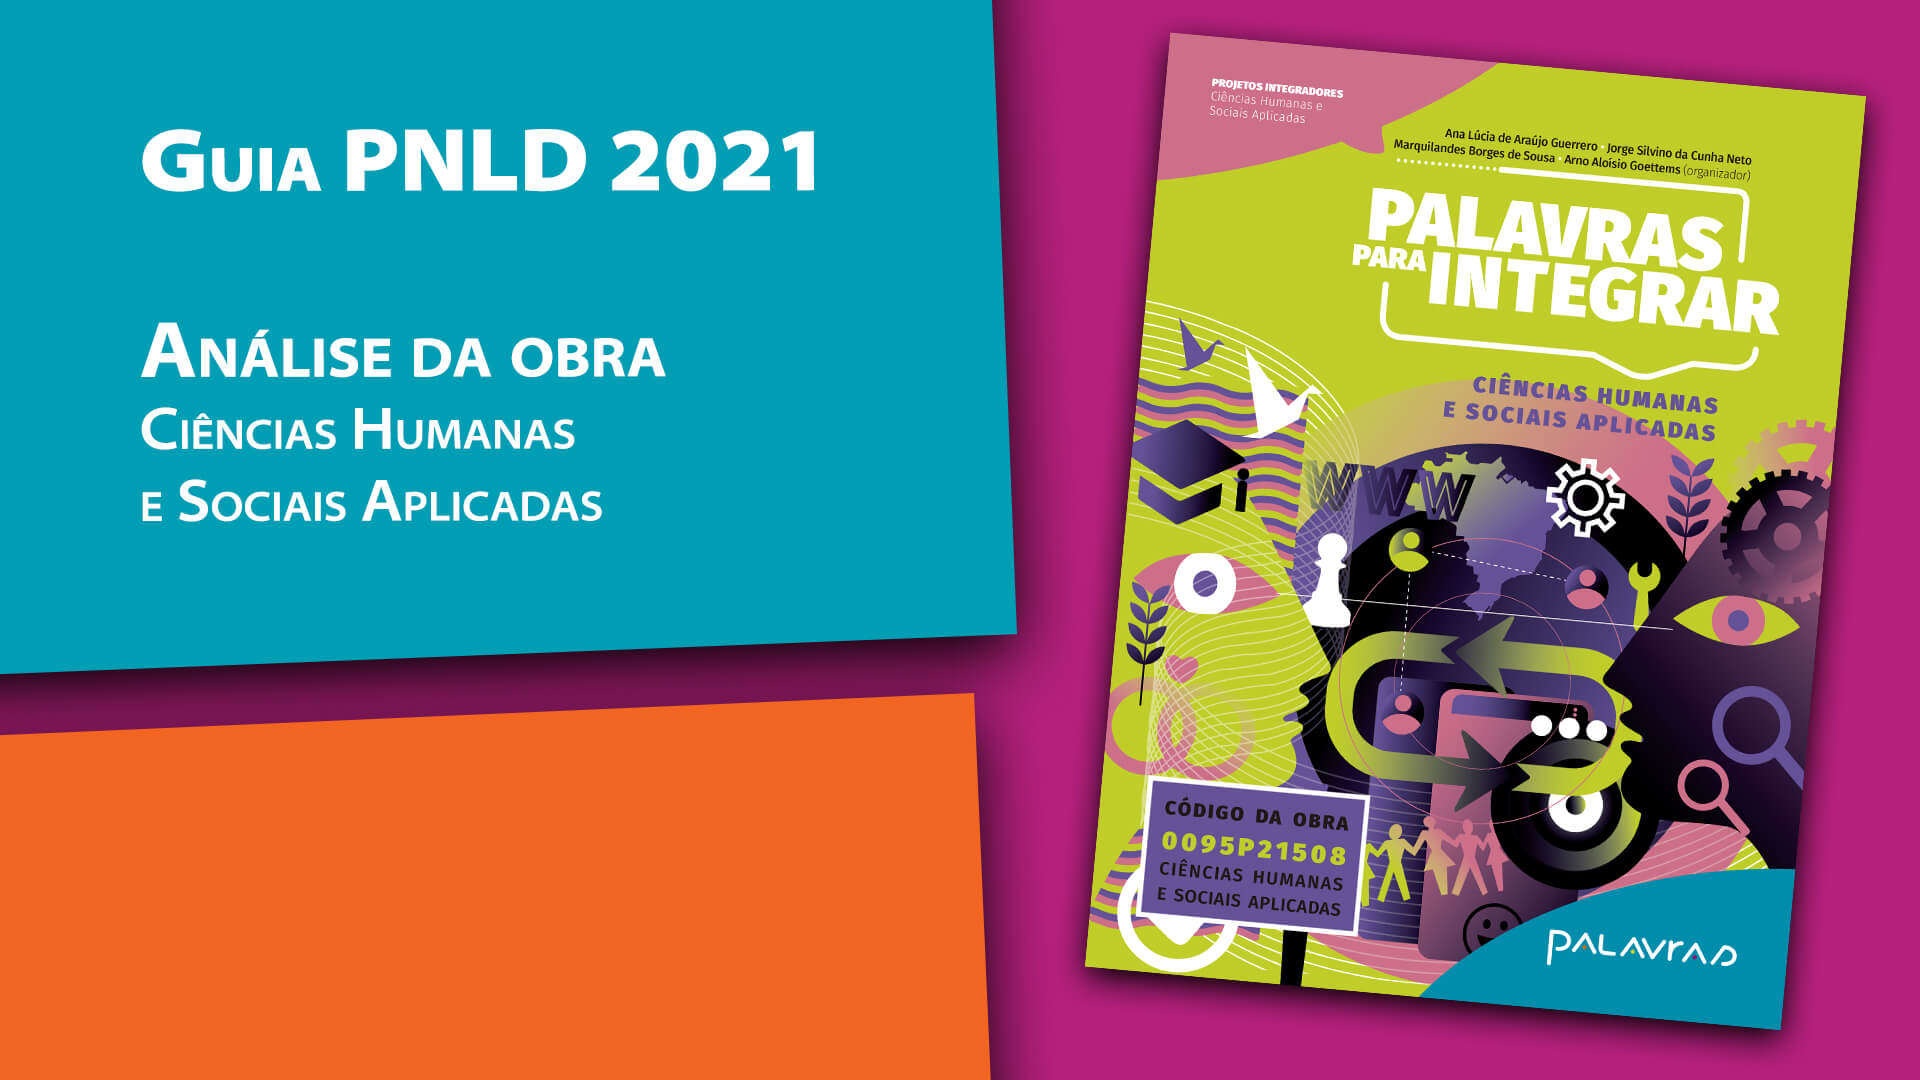 Guia PNLD 2021| Análise da obra | Ciências Humanas e Sociais Aplicadas